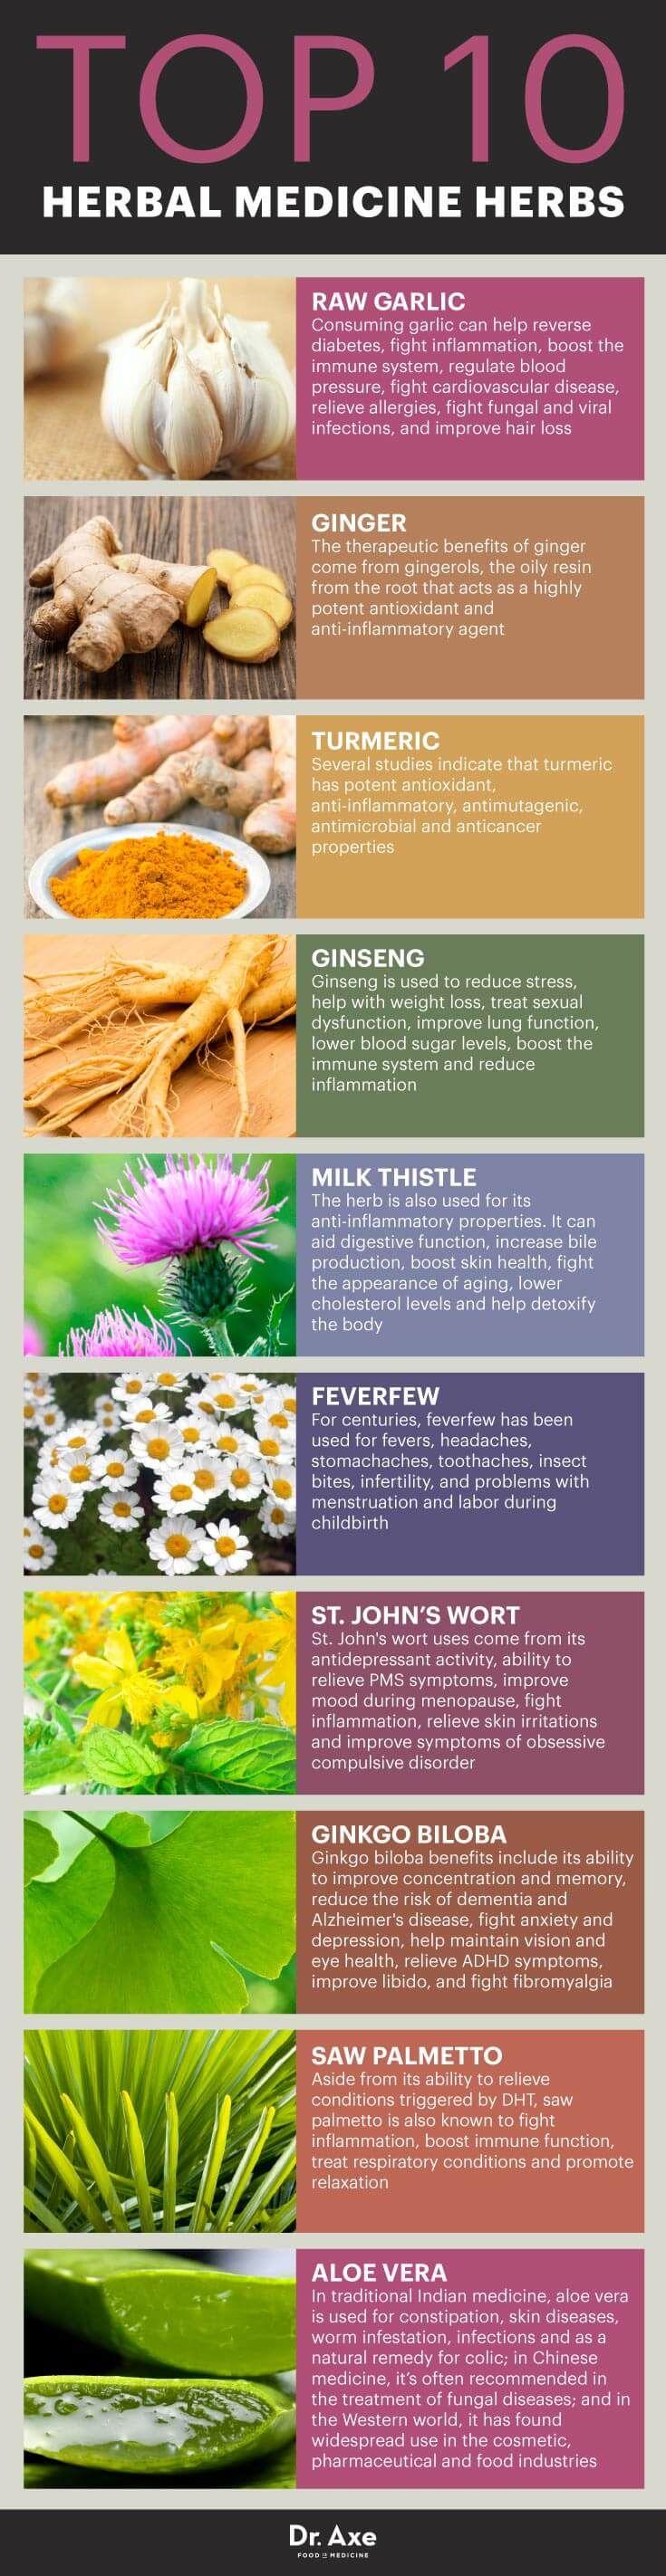 Chinese herbal insomnia tea - Herbal Medicine The Top 10 Herbal Medicine Herbs